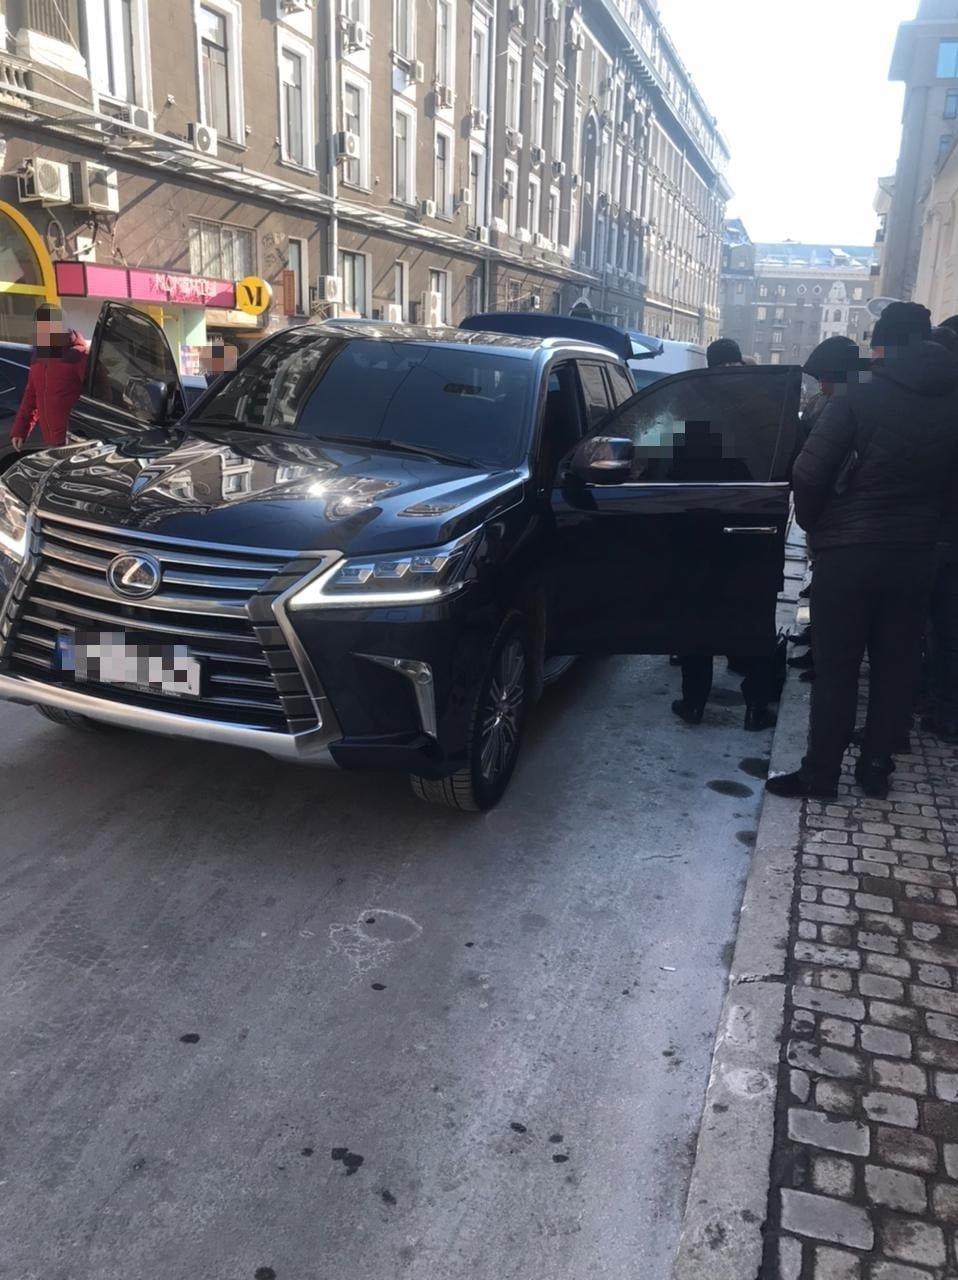 Терроризировали бизнесмена и подожгли машину пограничника: в Харькове арестовали четырех членов ОПГ, - ФОТО, фото-3